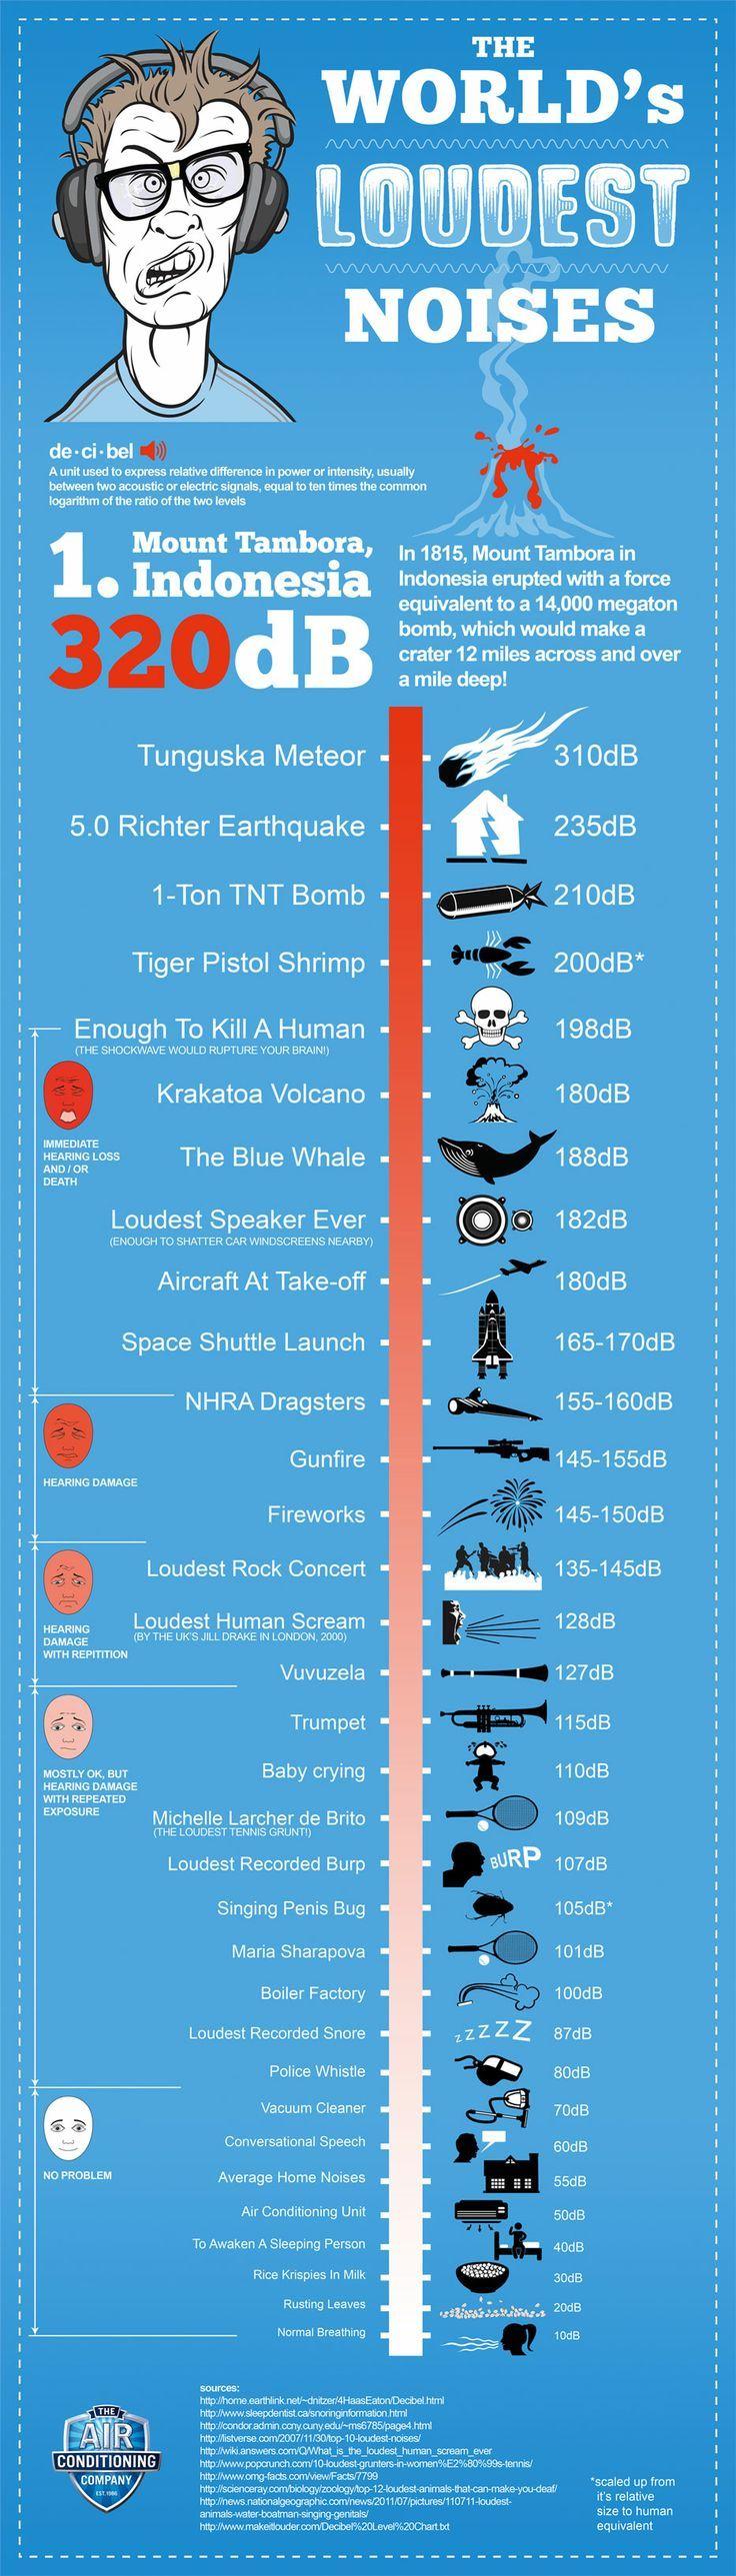 The world's loudest noises